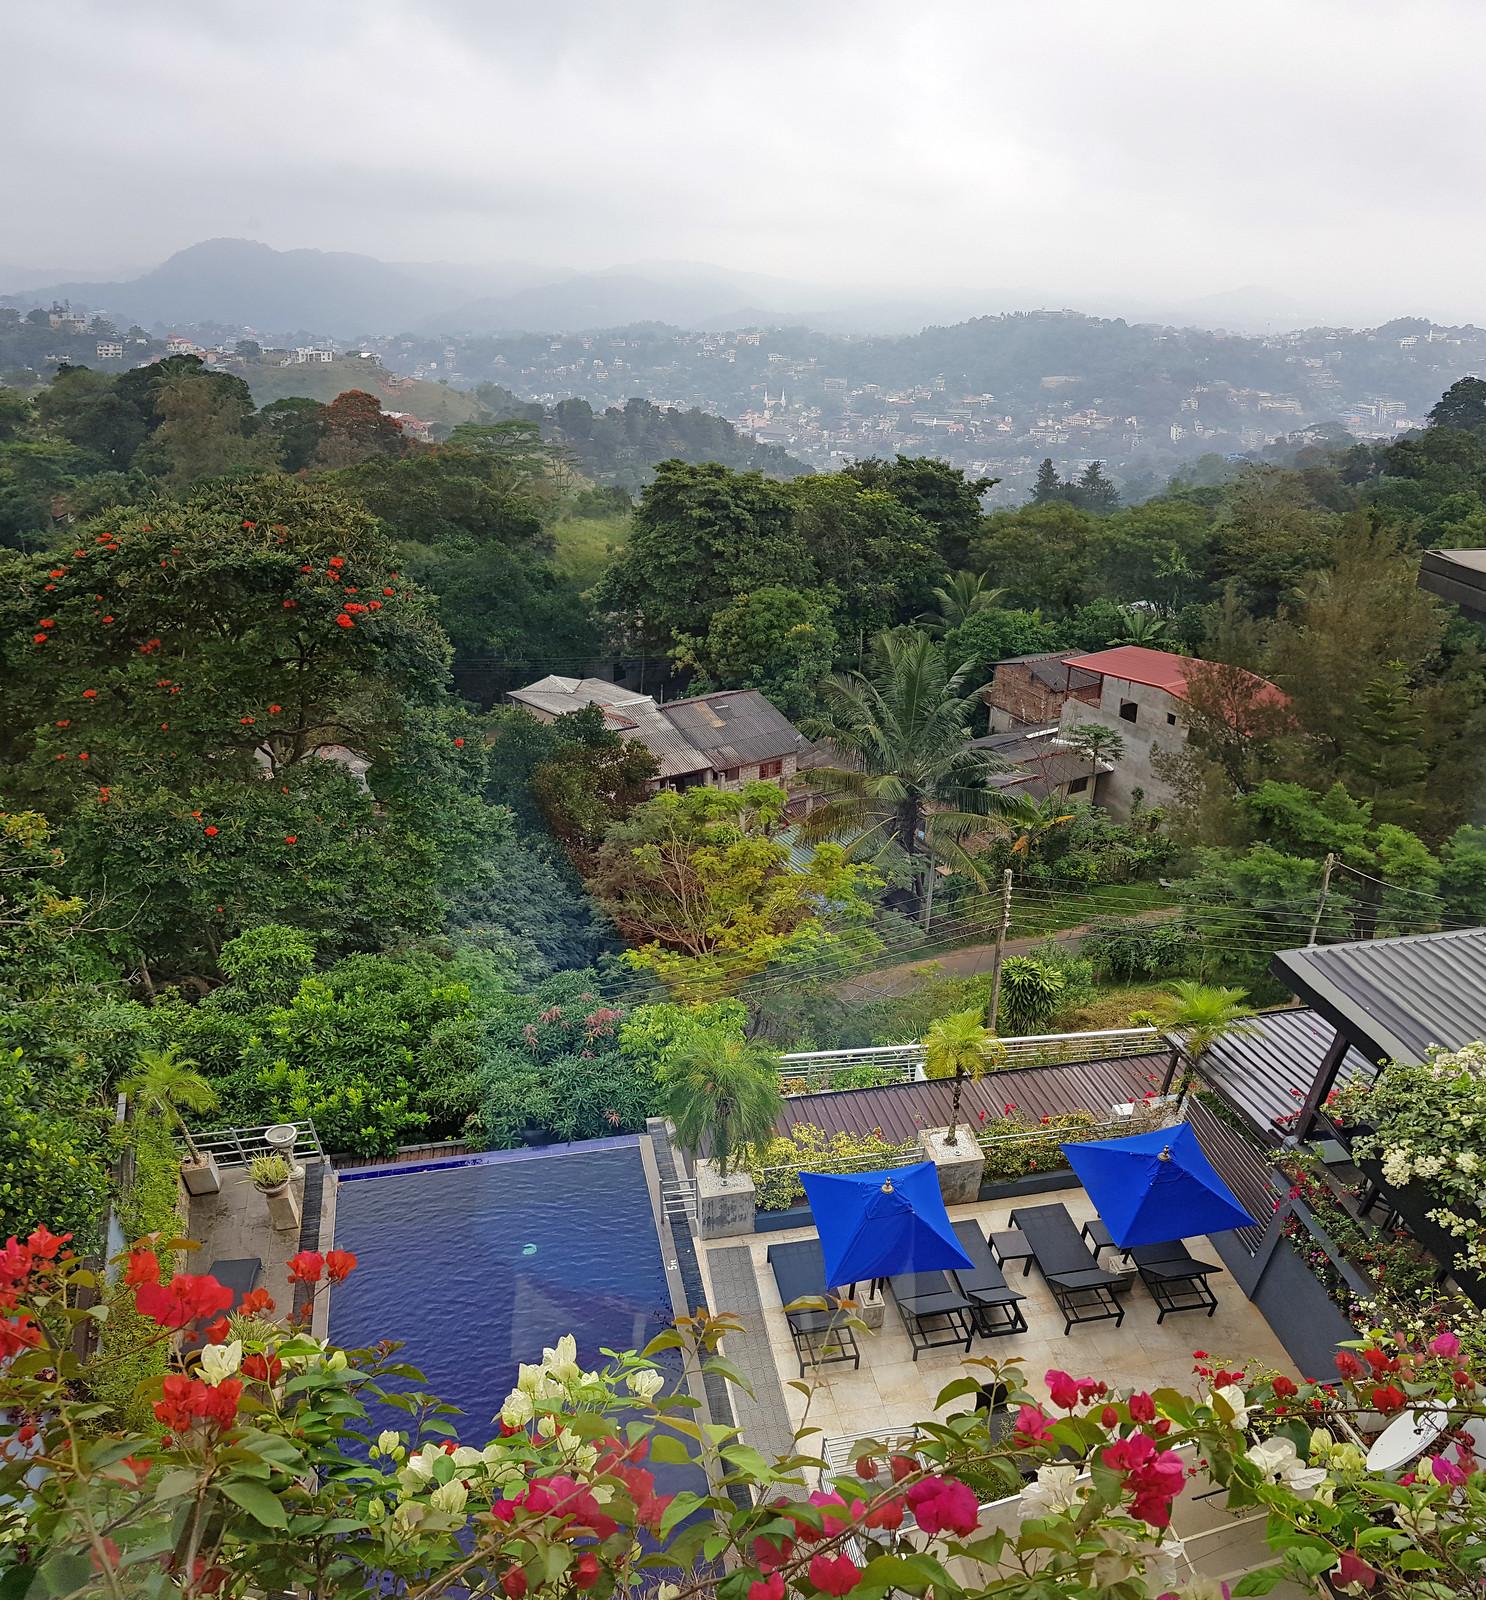 Kandy en un día, Sri Lanka kandy en un día - 32123795517 a6891b6f6d h - Kandy en un día, Sri Lanka